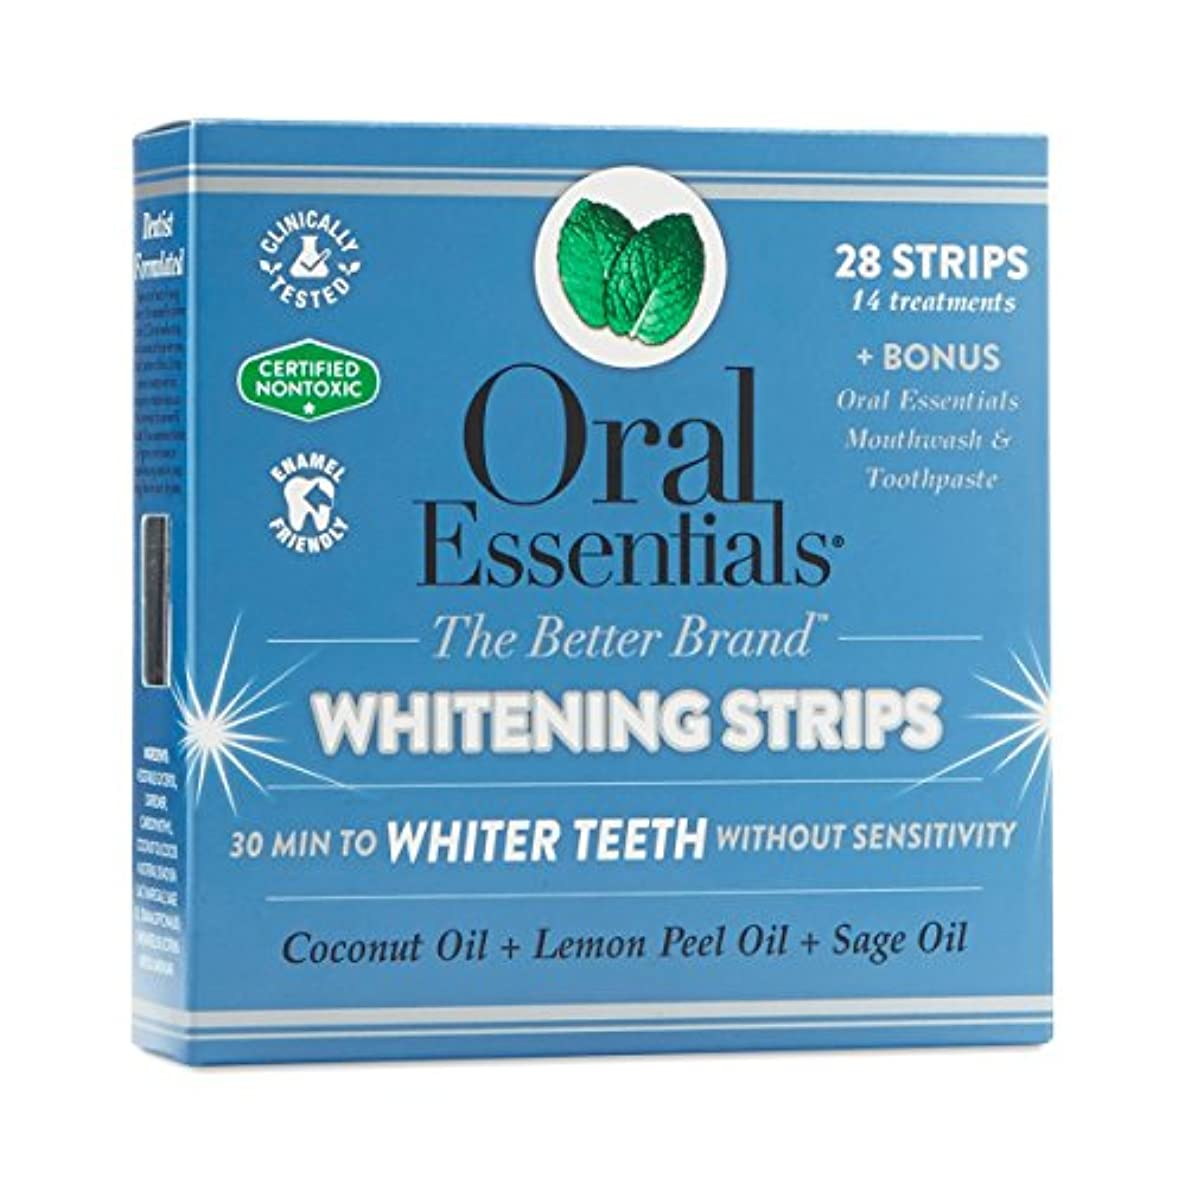 富豪メンバーパーフェルビッドホワイトニングストリップ オーラルエッセンシャル 14回分(上下24枚) 過酸化物なし、非毒性、敏感な歯茎に方にもやさしい 海外直送品